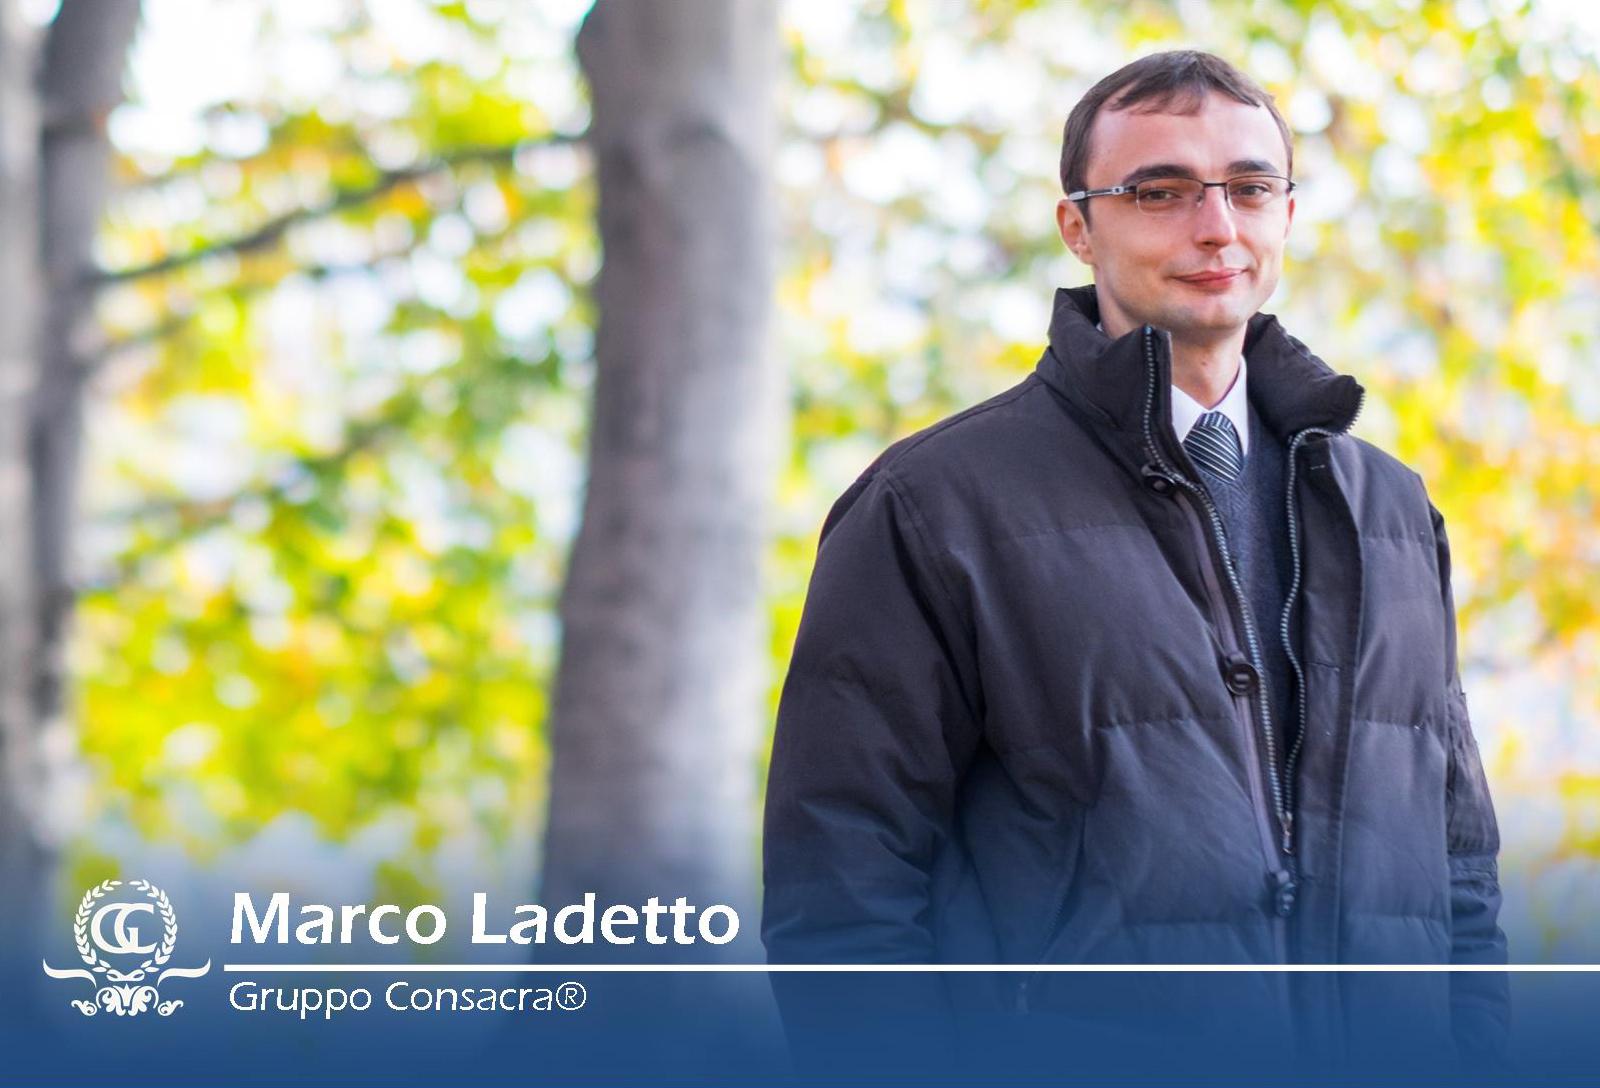 Marco Ladetto - Gruppo Consacra